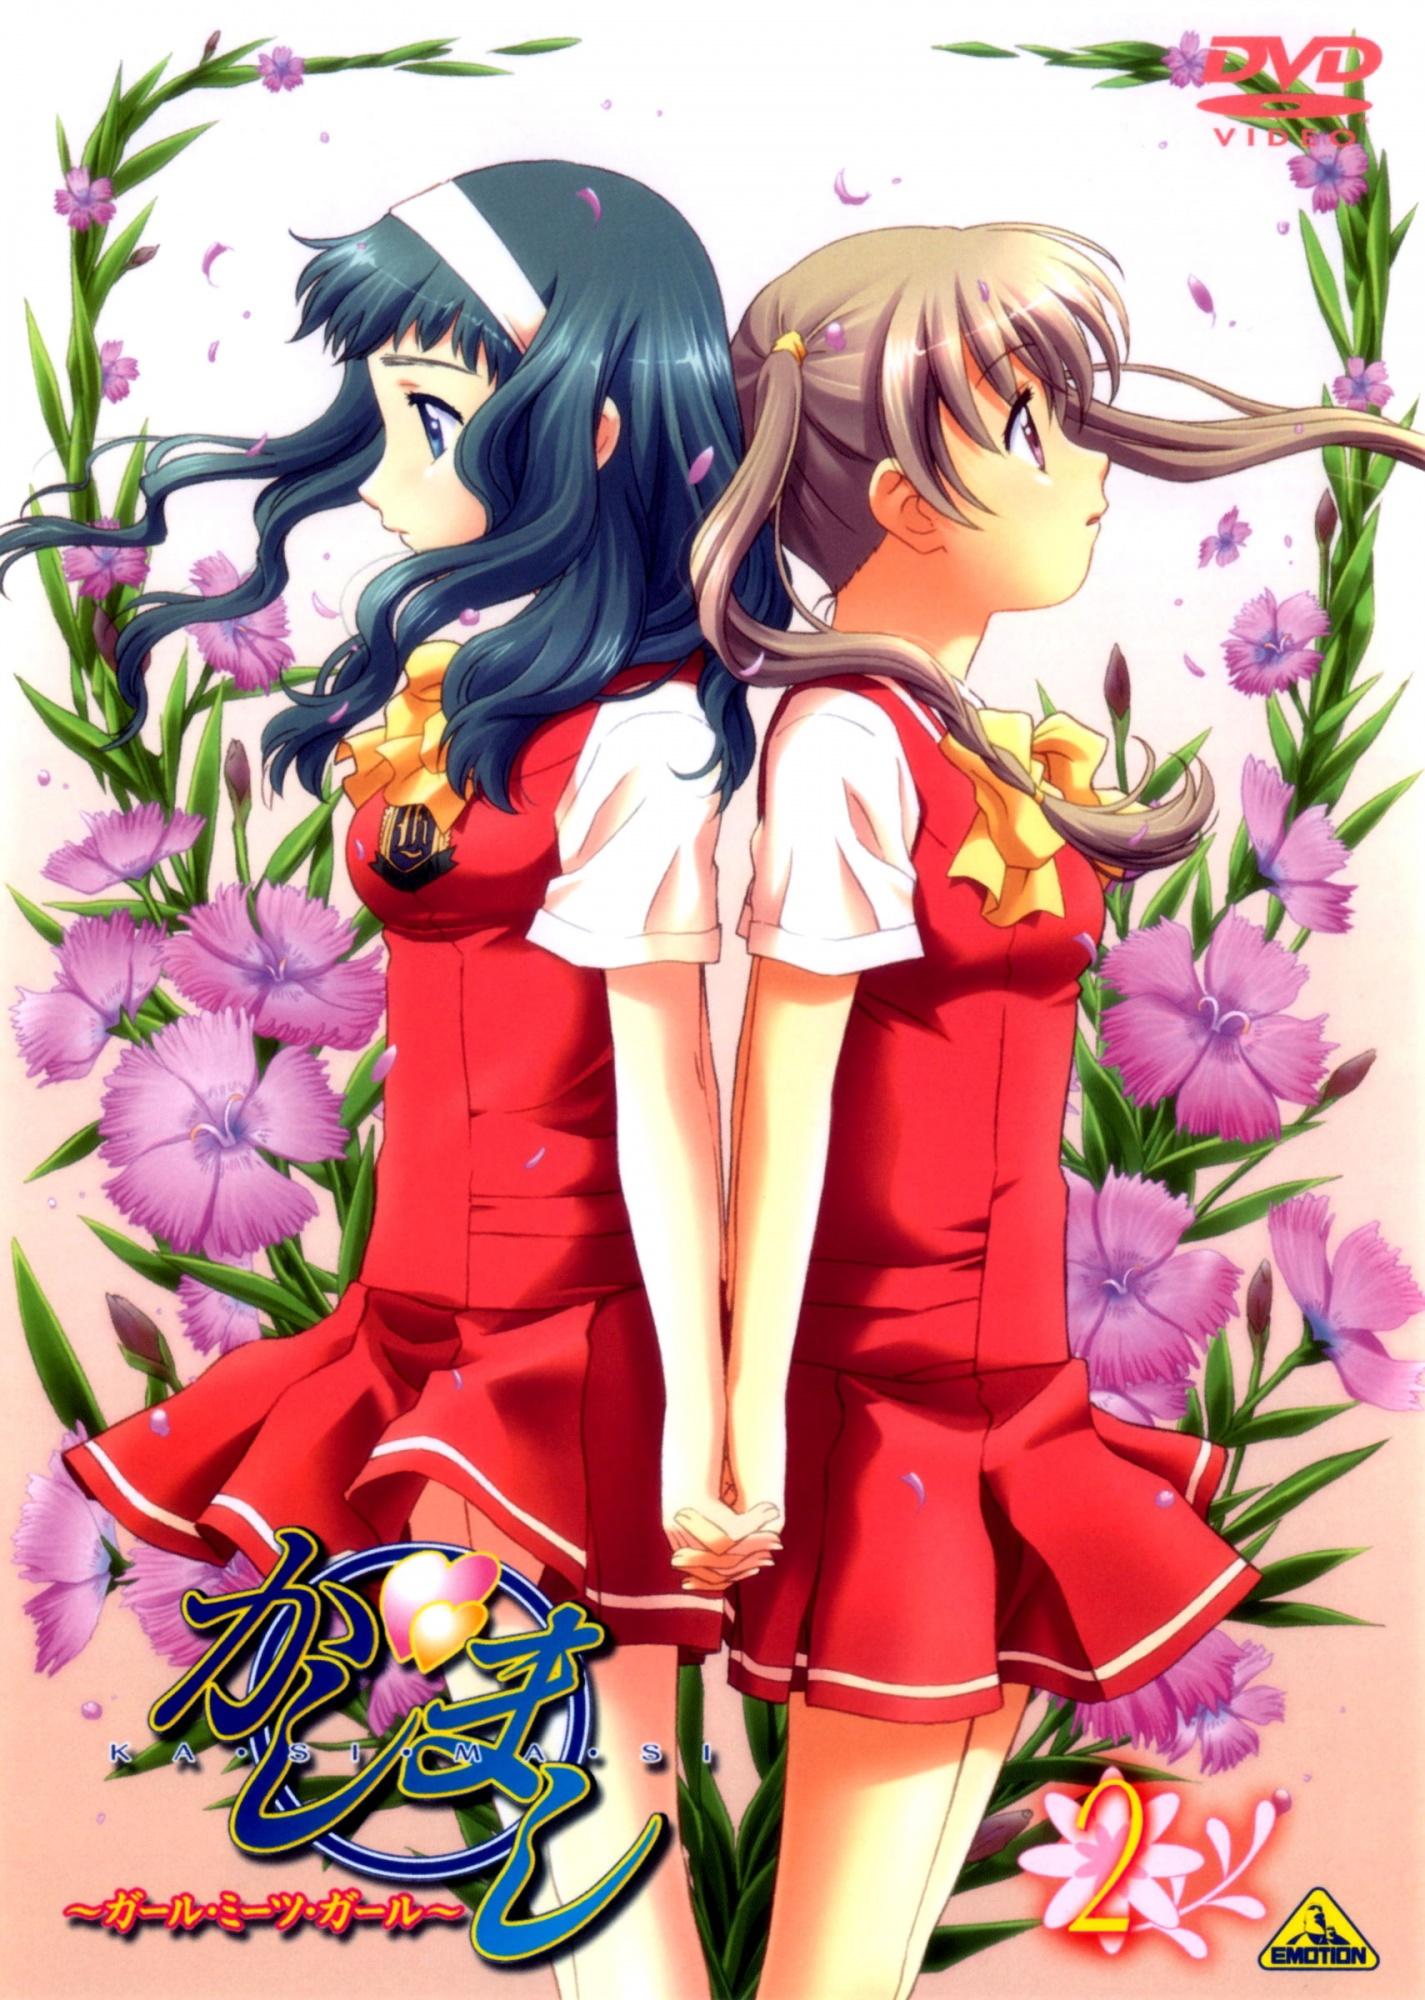 KASHIMASHI - GIRL MEETS GIRL Manga